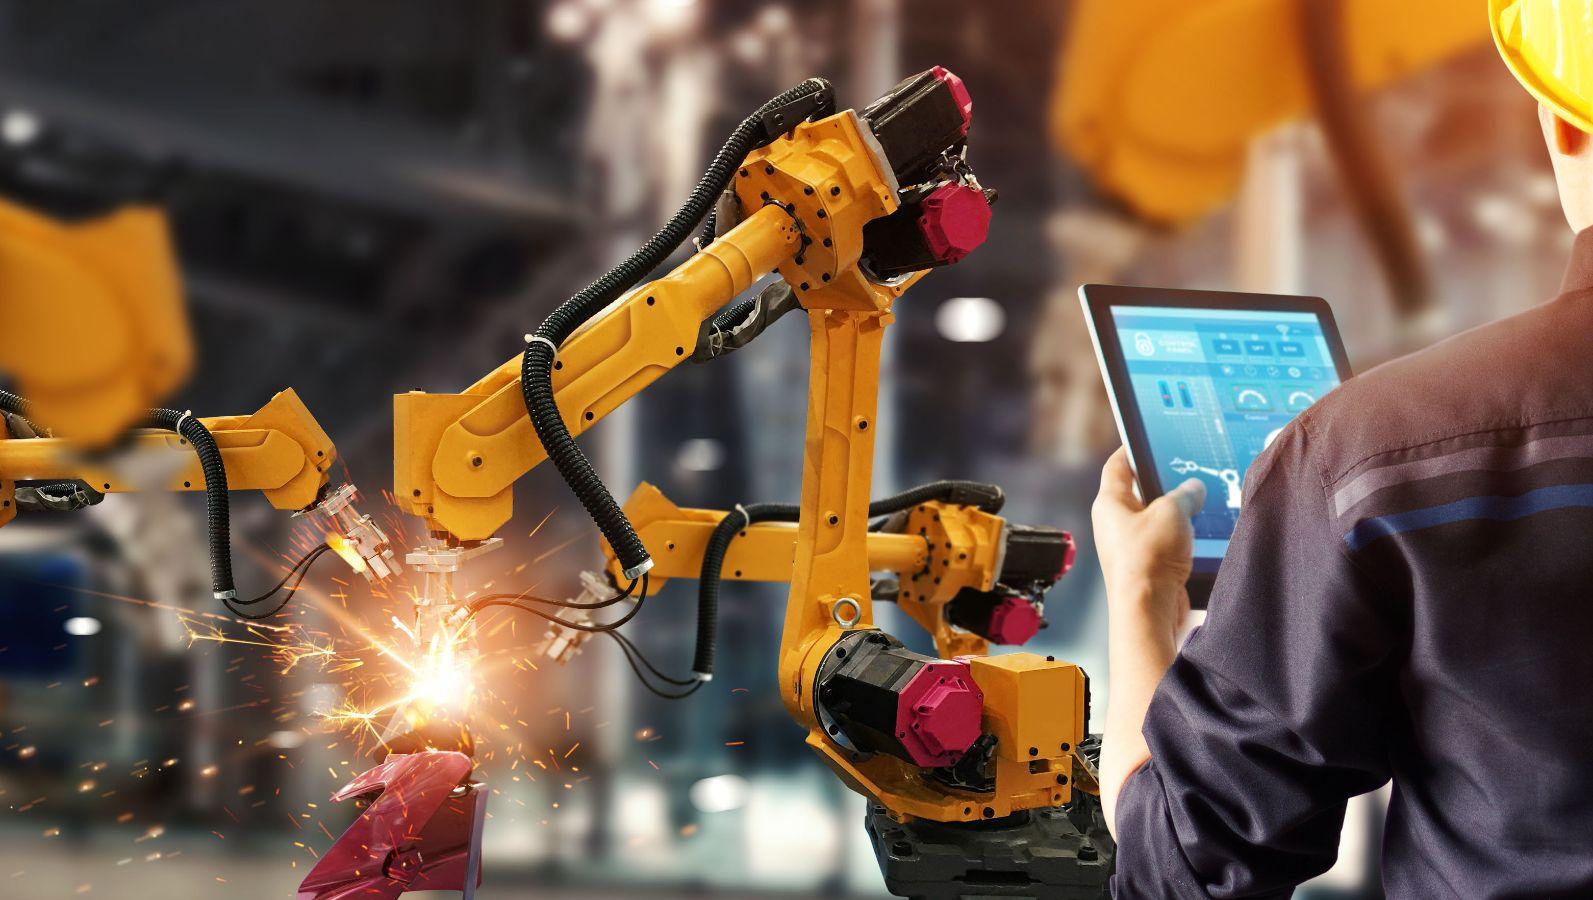 Arbeiter von hinten mit Tablet, der damit die Arbeit zweier Roboterarme überprüft